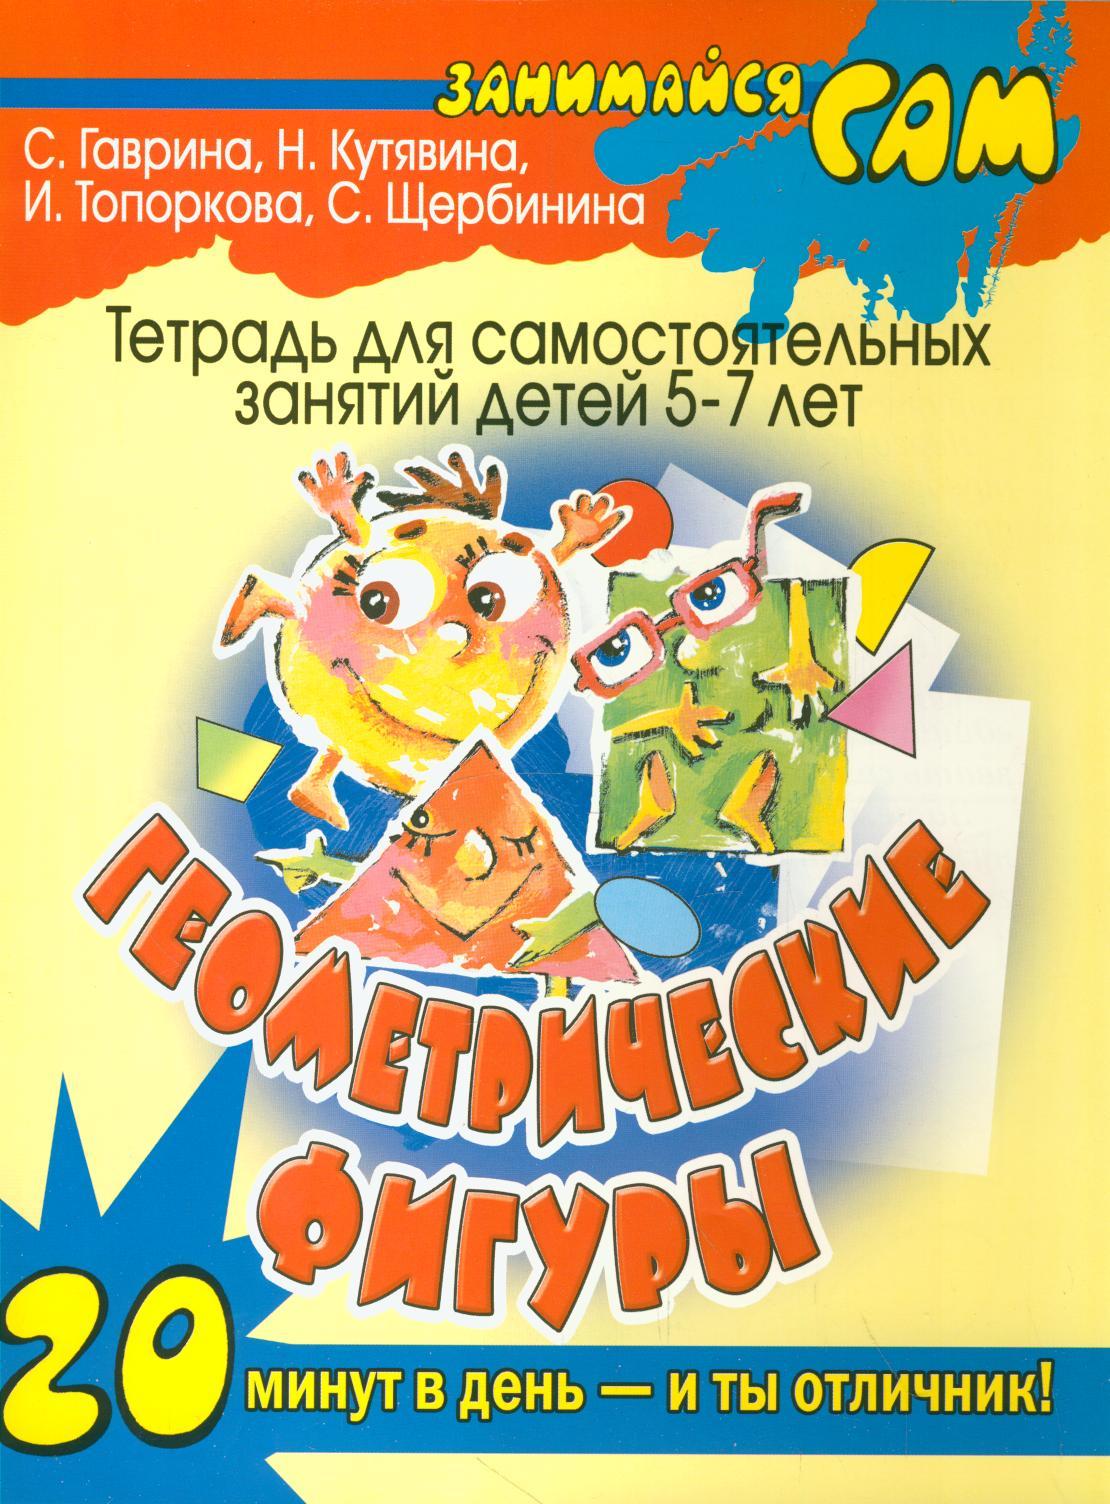 Геометрические фигуры. Тетрадь для самостоятельных занятий детей 5-7 лет